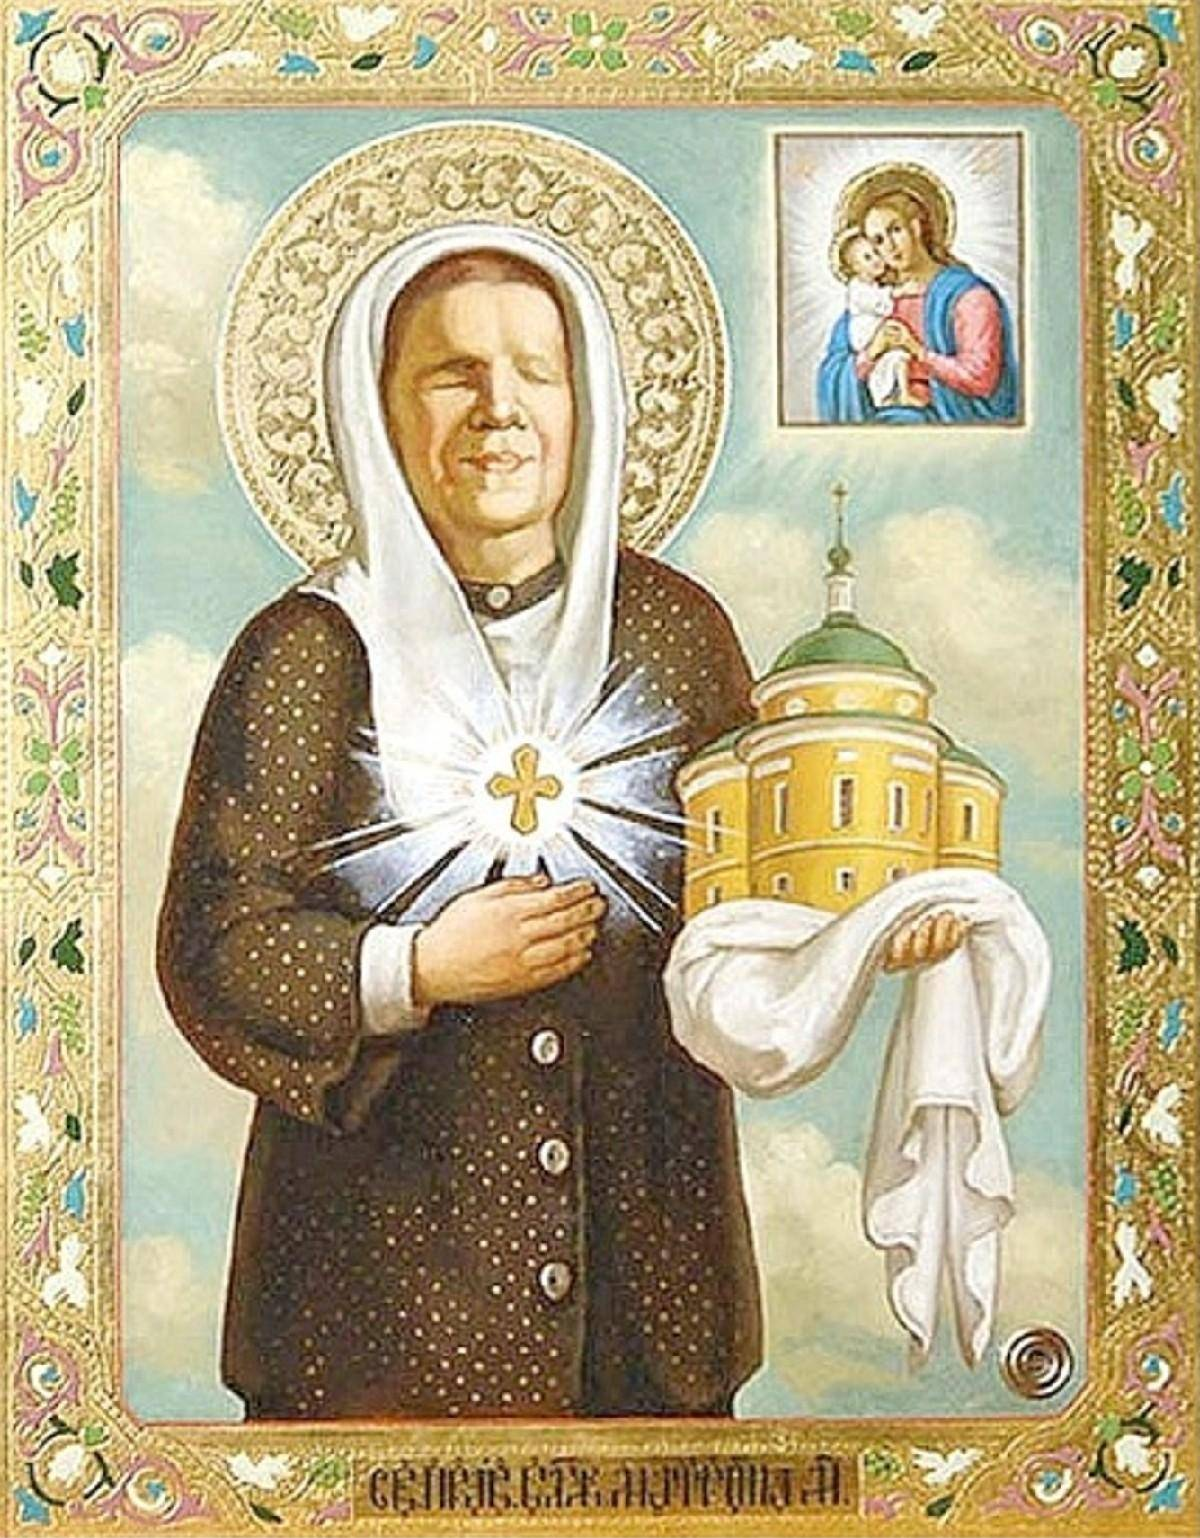 Матрона московская: биография и житие святой, мощи, значение иконы, в чем помогает